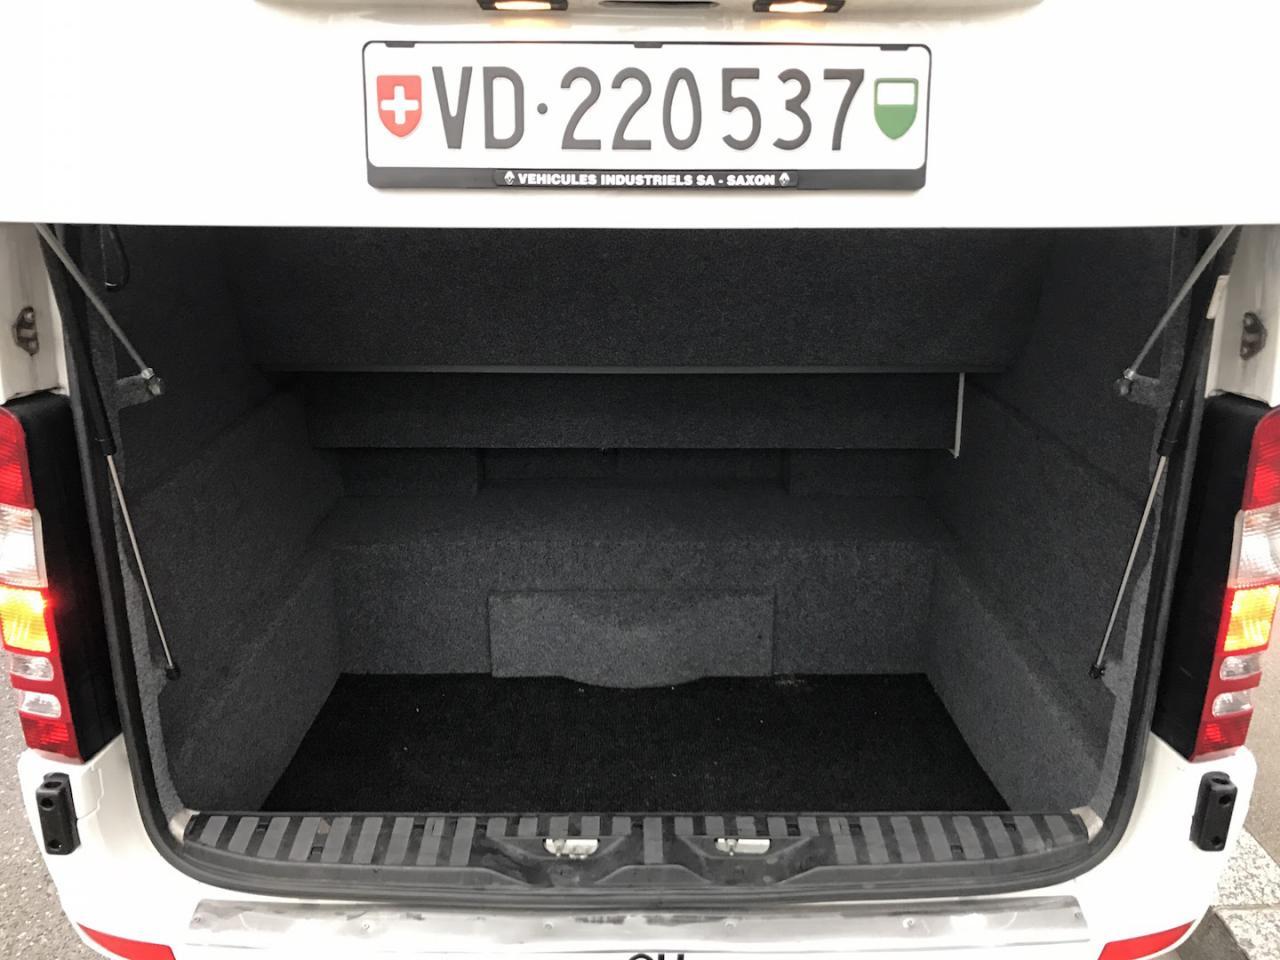 Mercedes-Benz Minibus - 17 squares